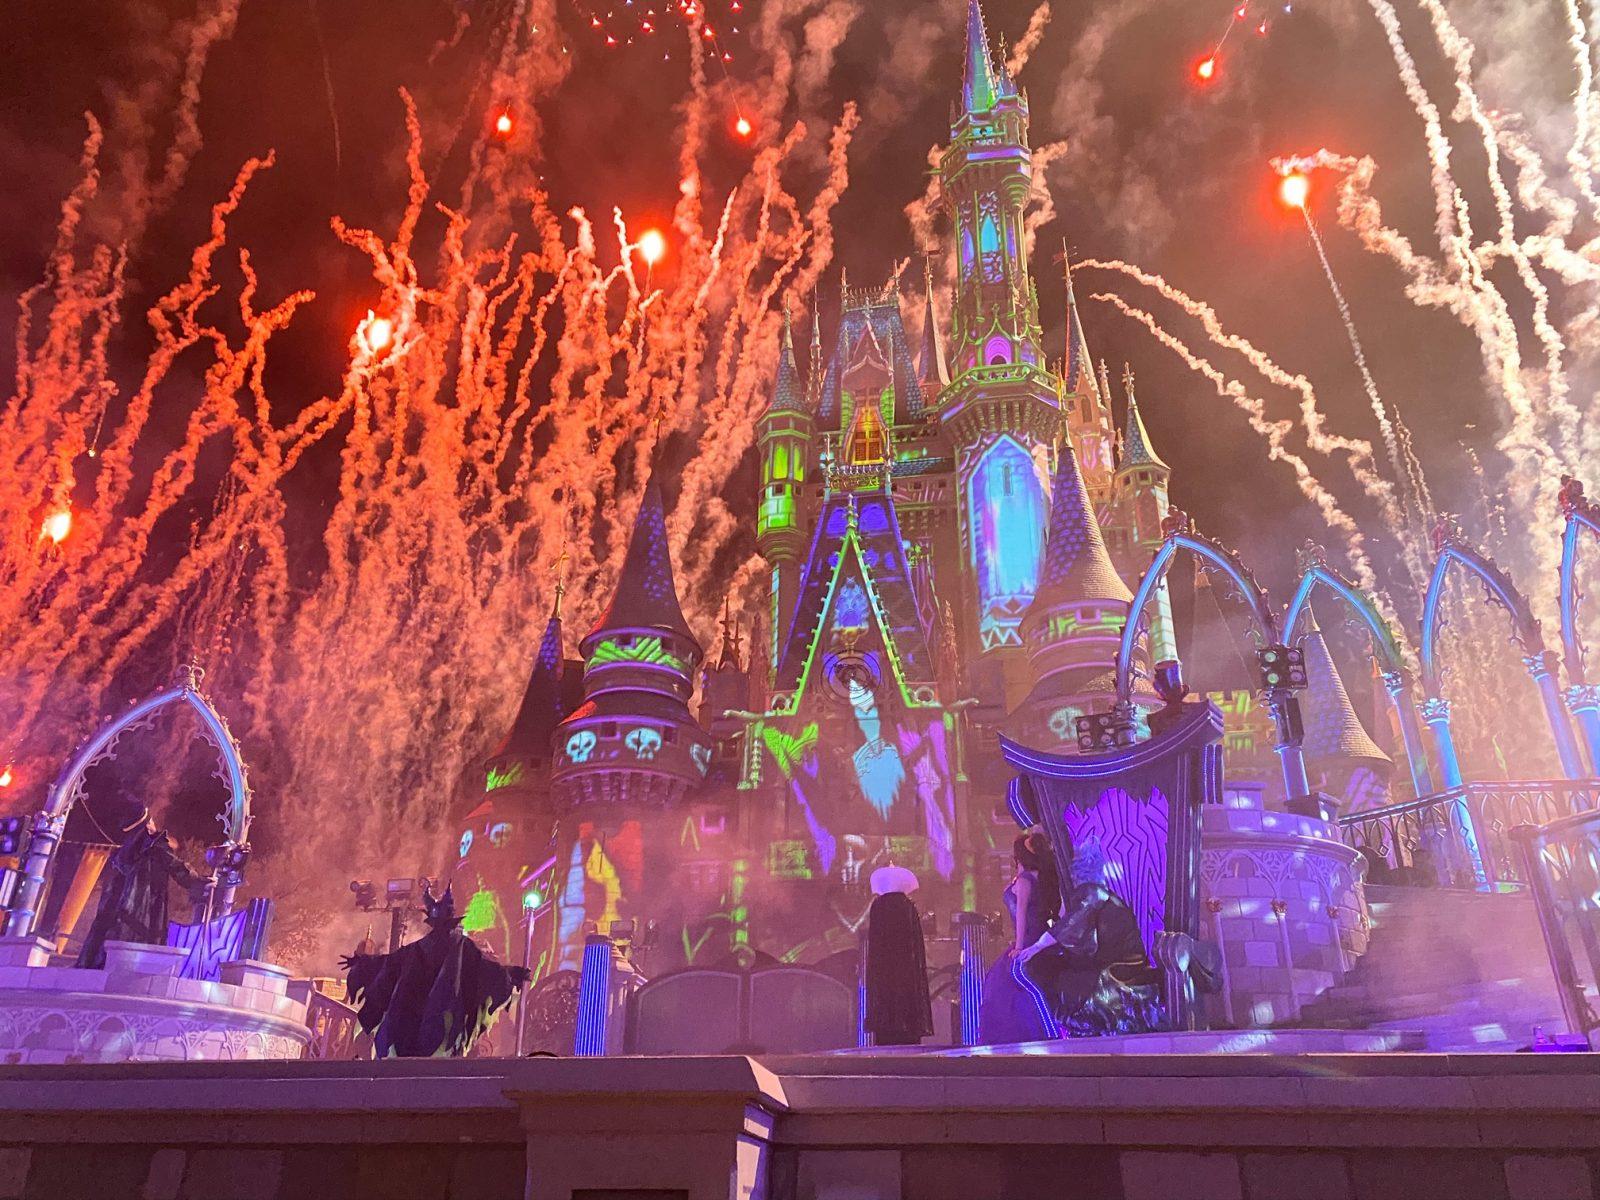 Fireworks at Disney Villains after hours